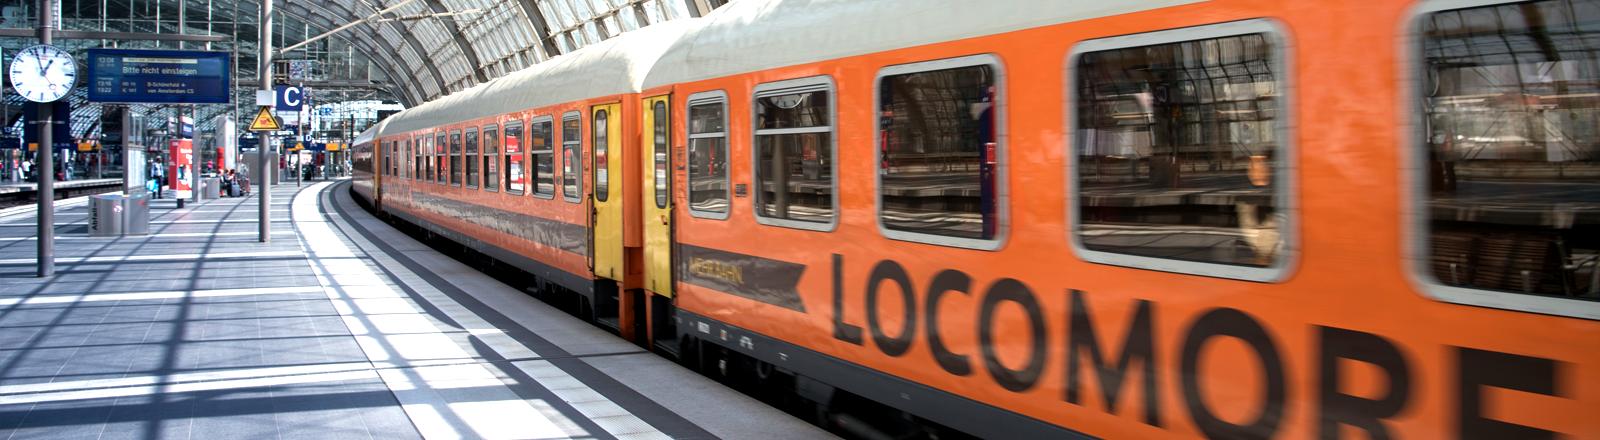 Ein Zug von Locomore im Bahnhof Stuttgart